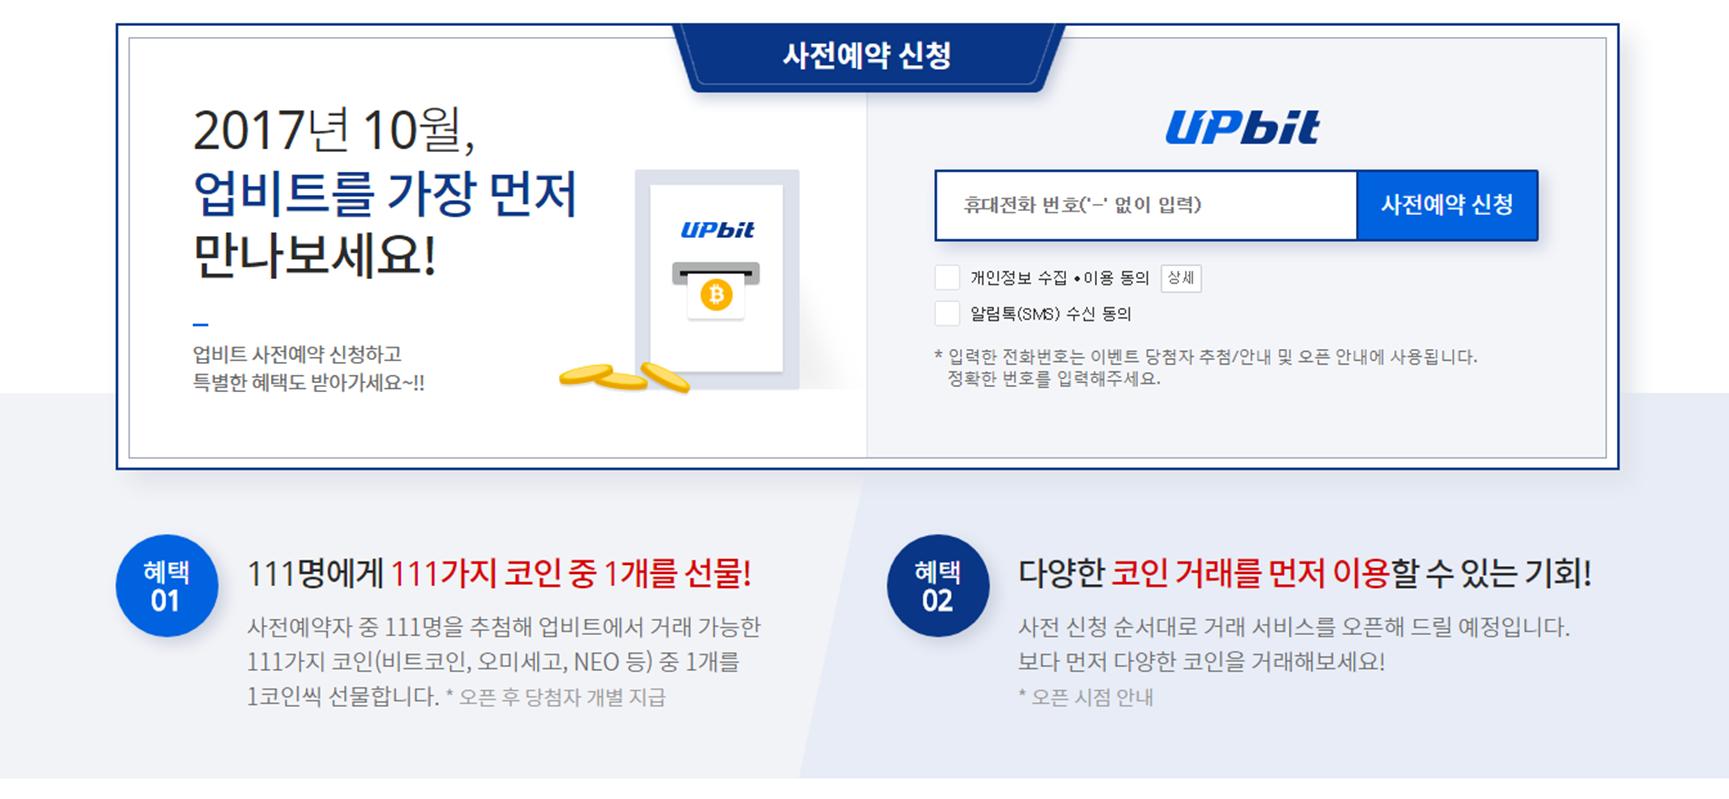 韓国仮想通貨取引所アップビットの2つの特典